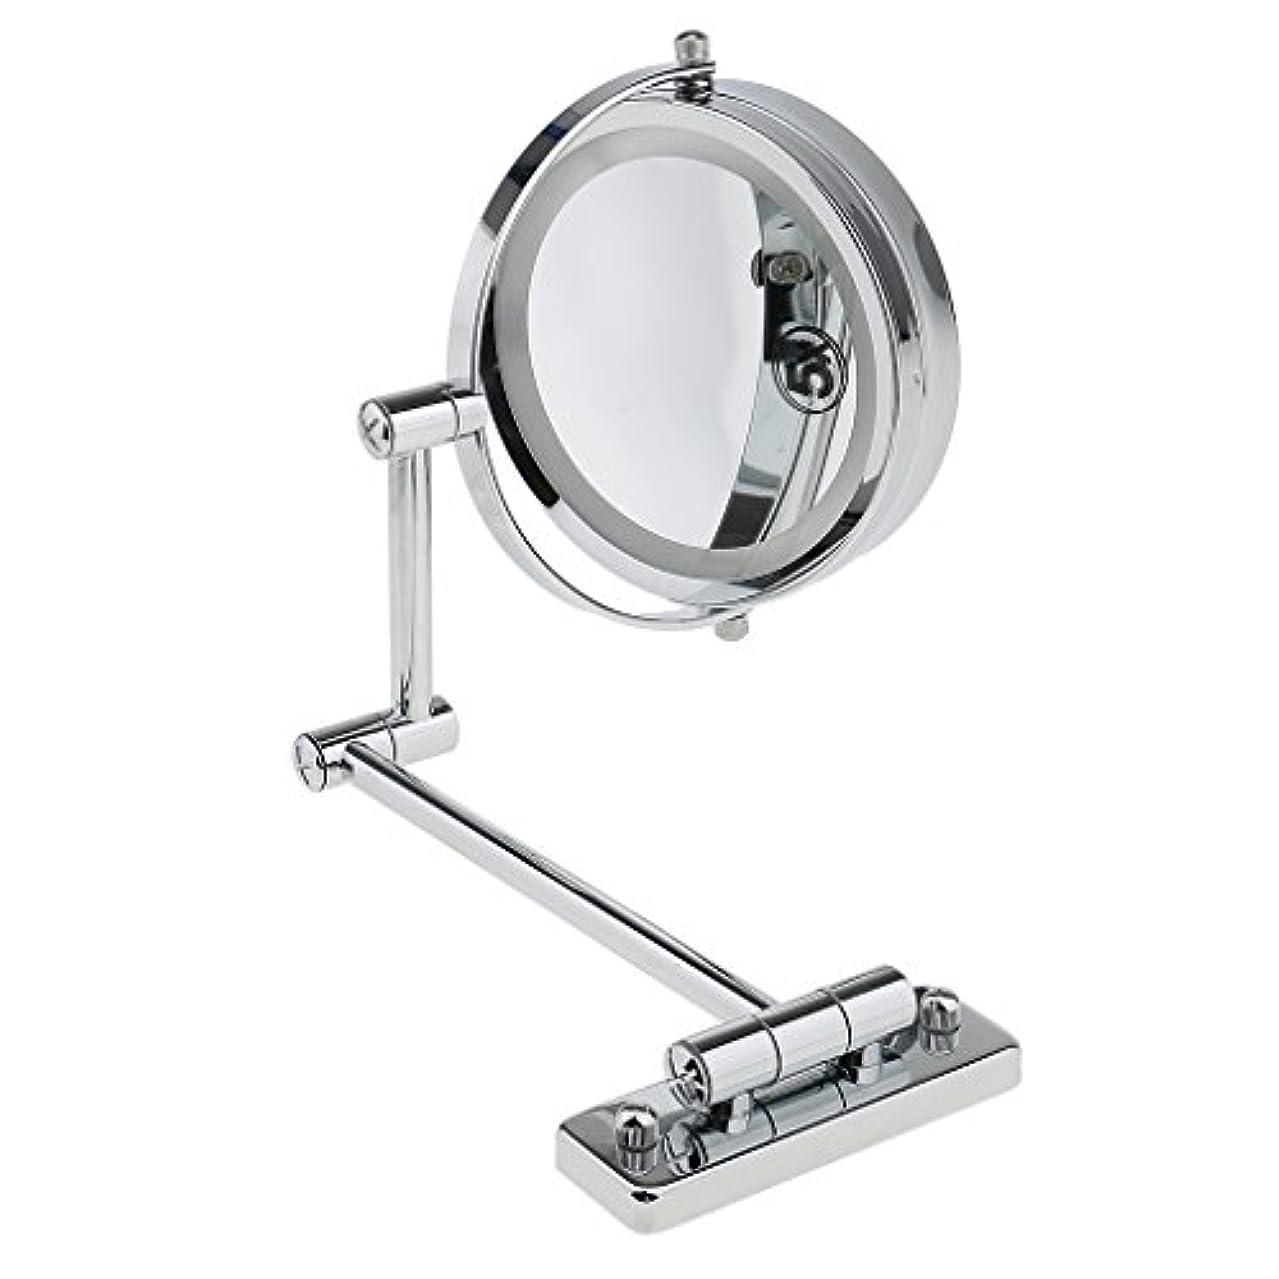 床を掃除する株式海上SMDライト 両面ミラー 壁掛け式 5倍拡大鏡 360度回転 エチケットチェック